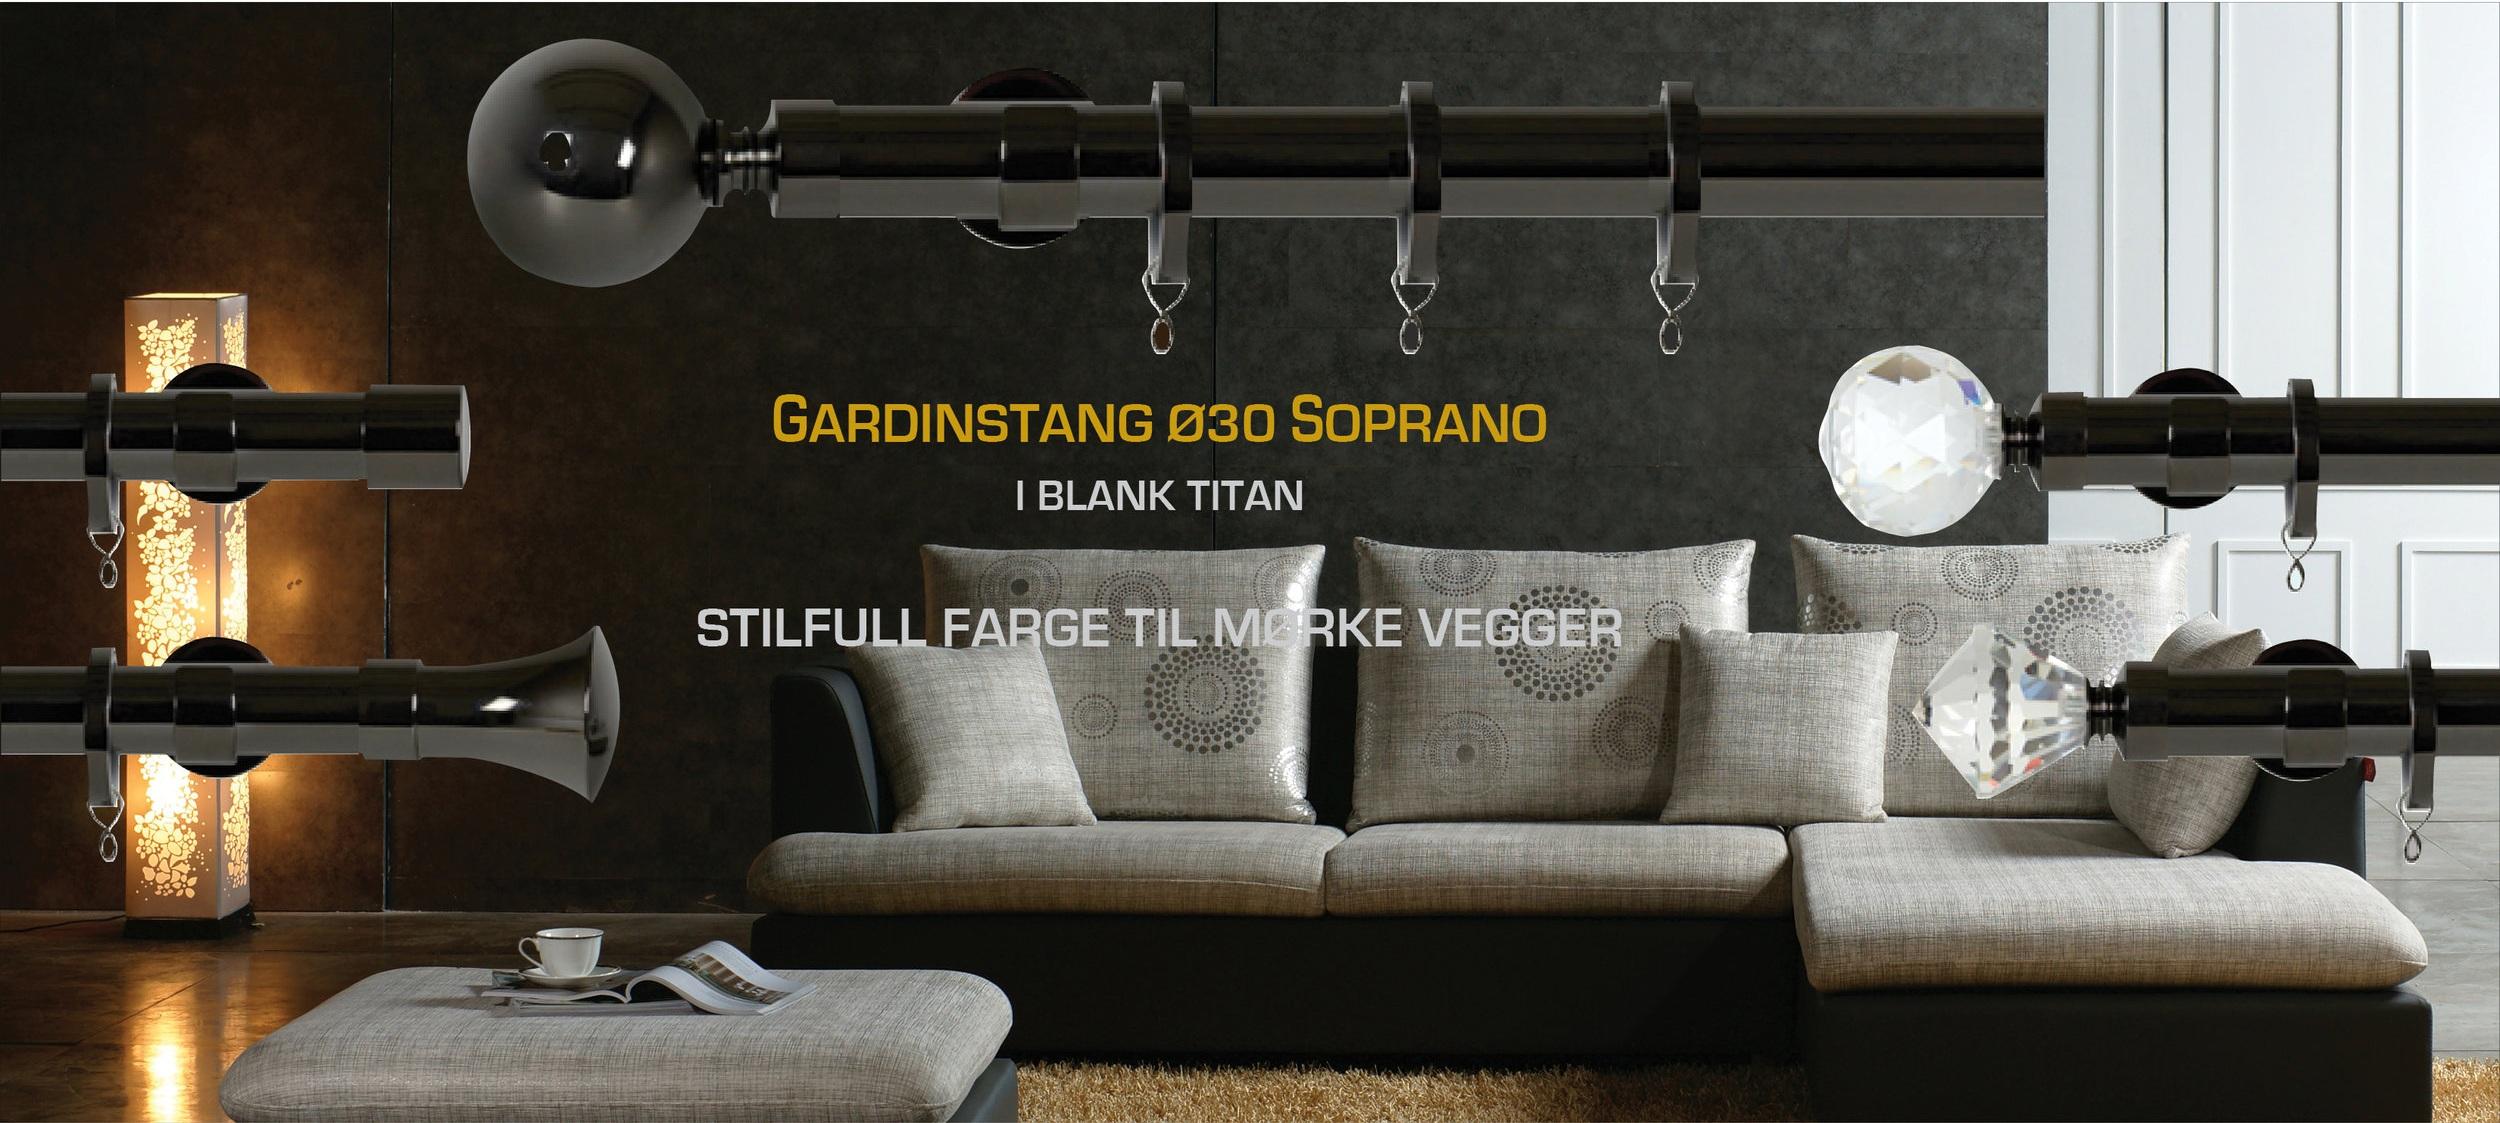 Soprano+m%C3%B8rke+veger.jpg